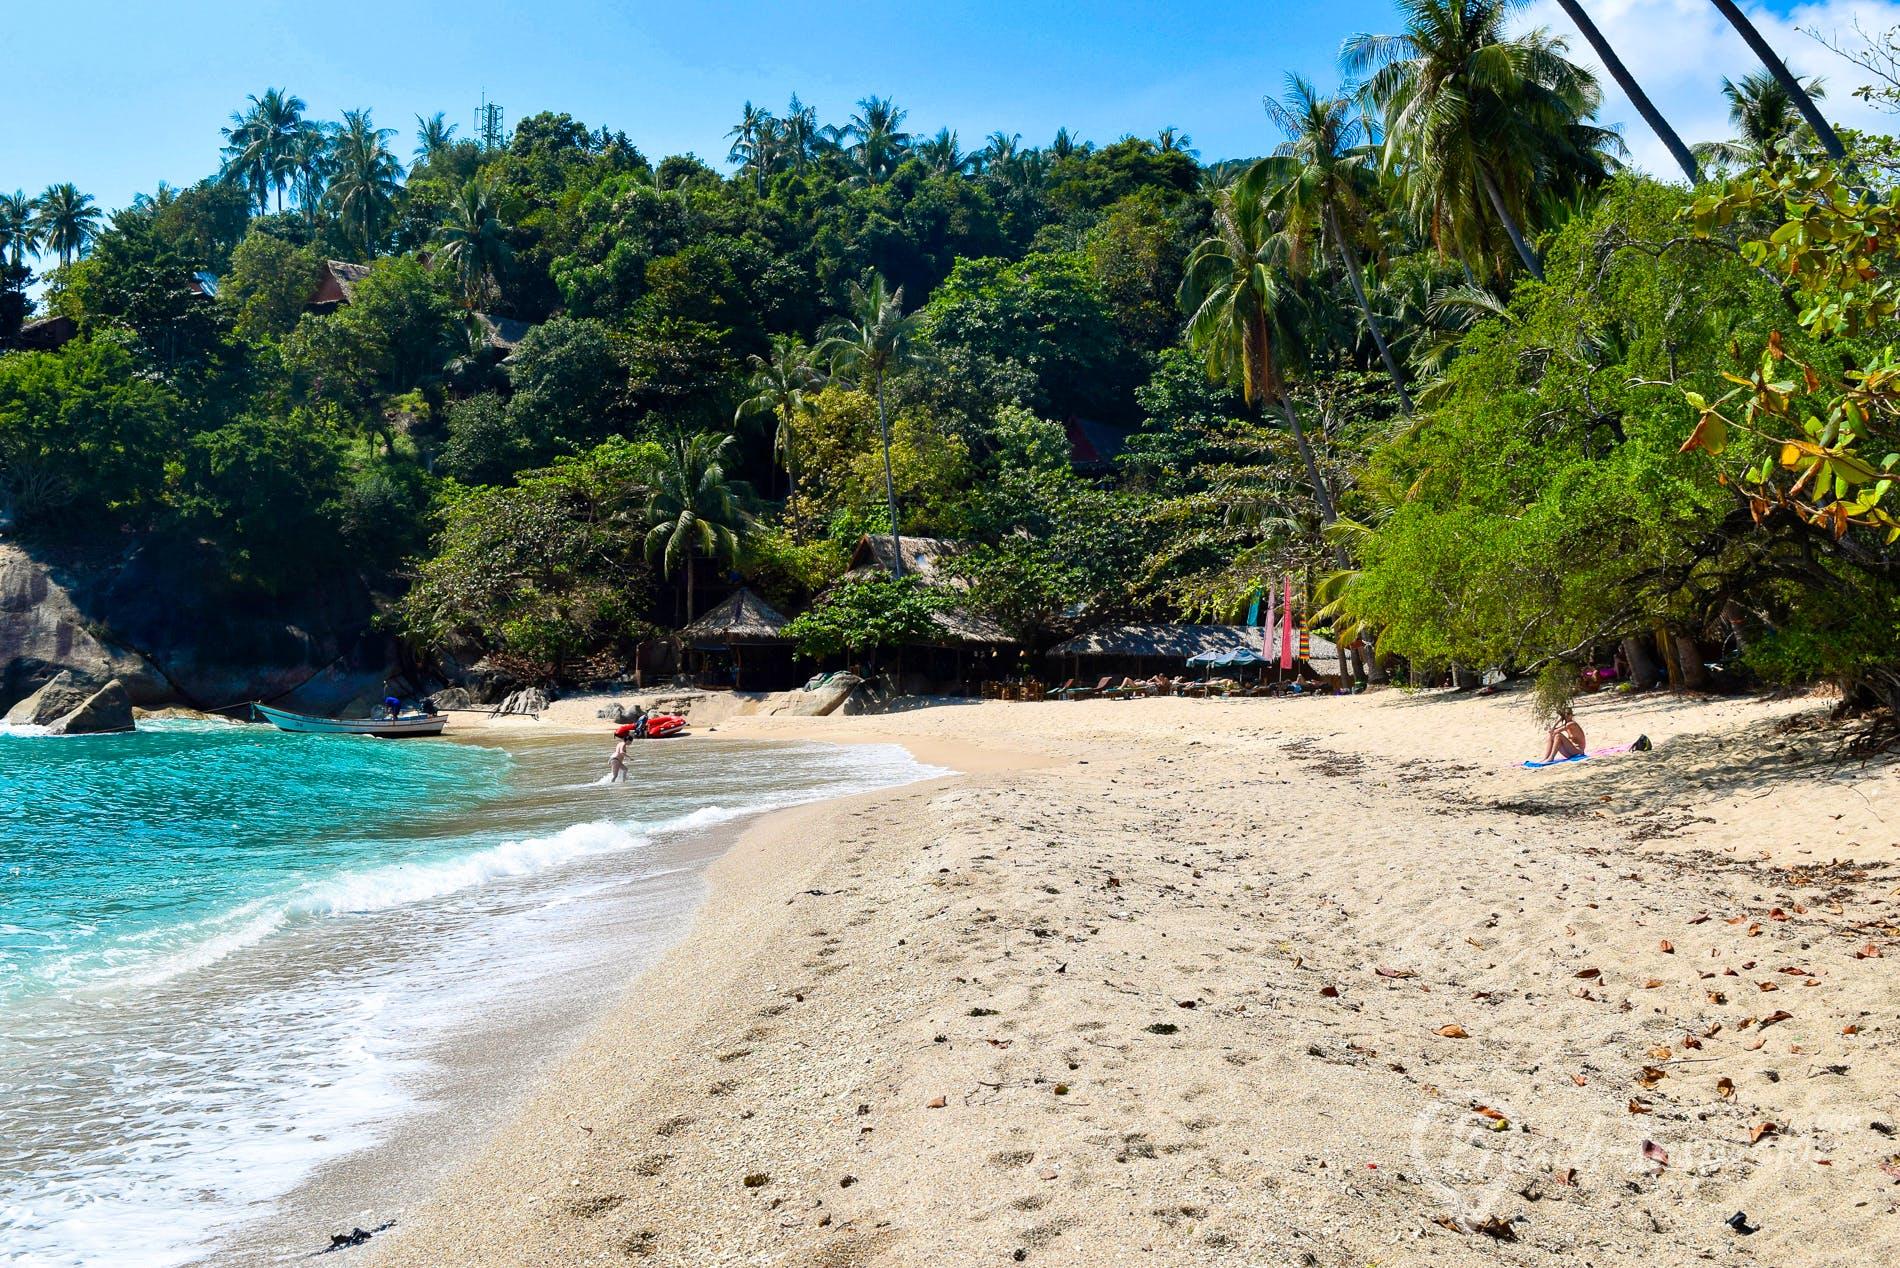 Beach Haad Tien Beach, Koh Phangan, Thailand